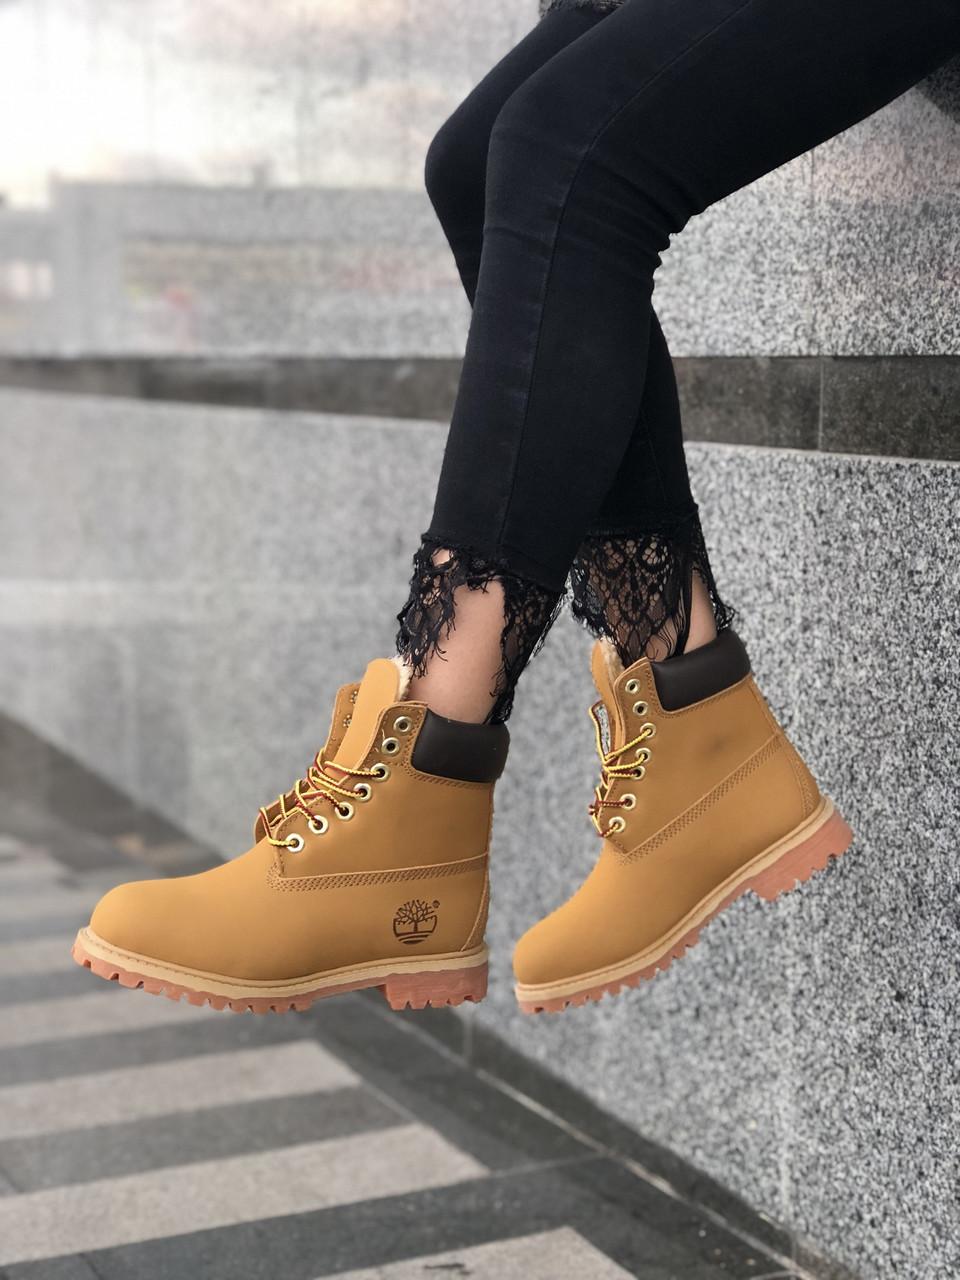 Зимние женские ботинки Timberland НА МЕХУ (Распродажа)